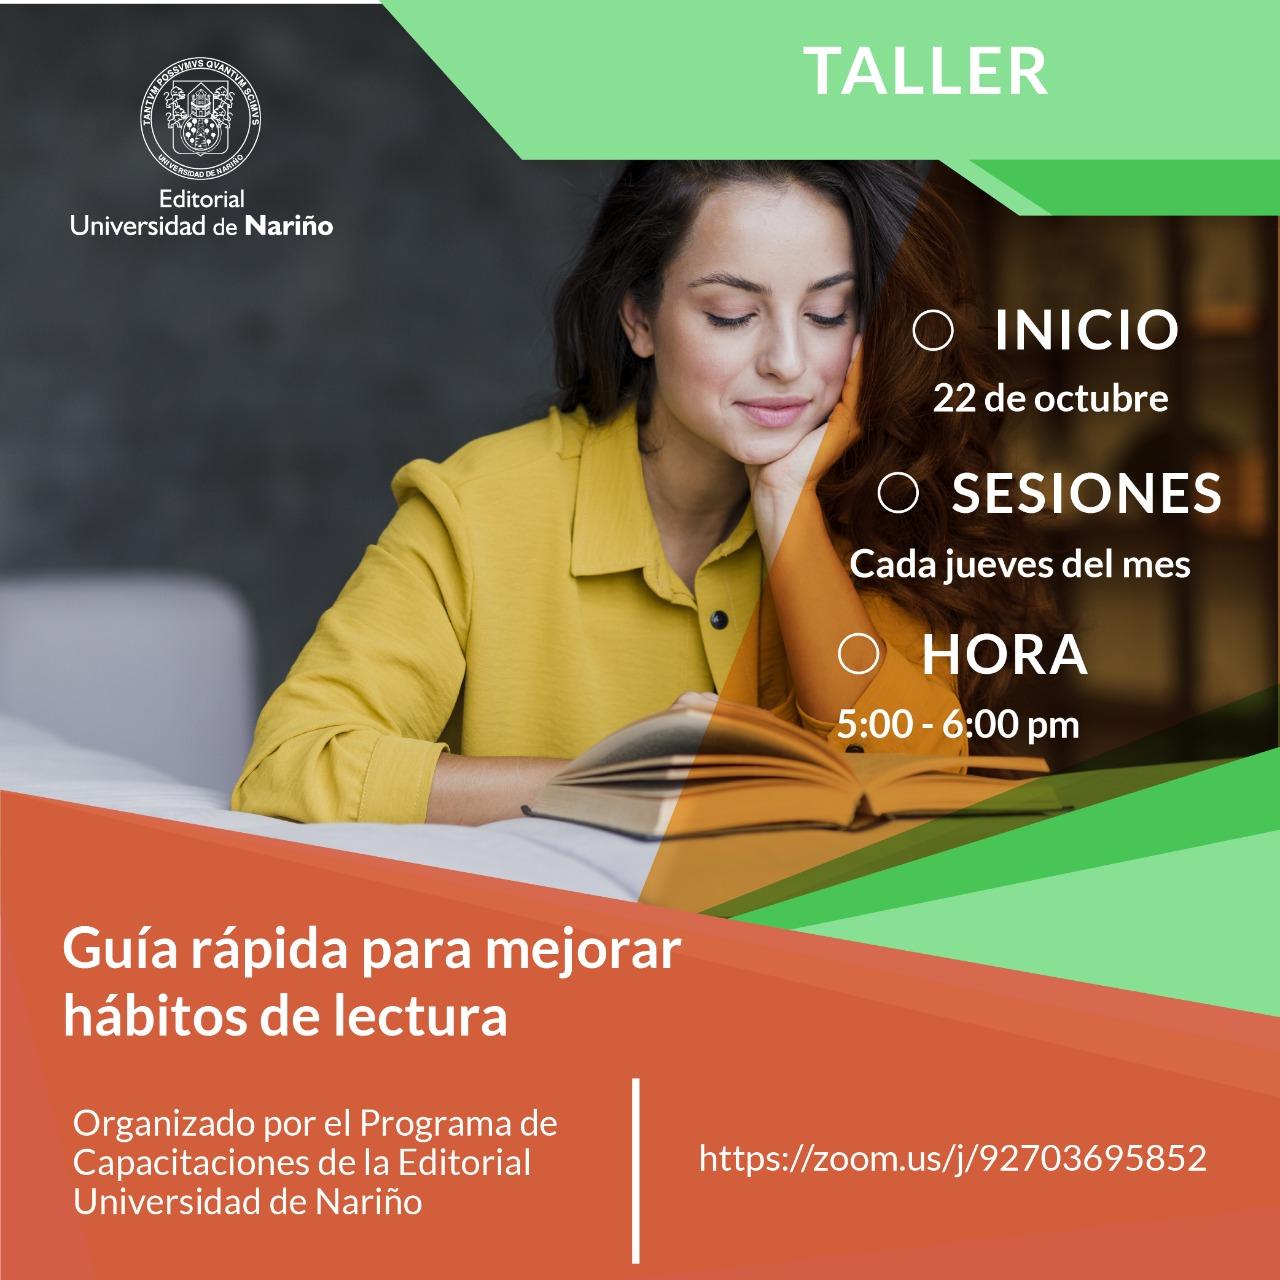 talleres-editorial-05